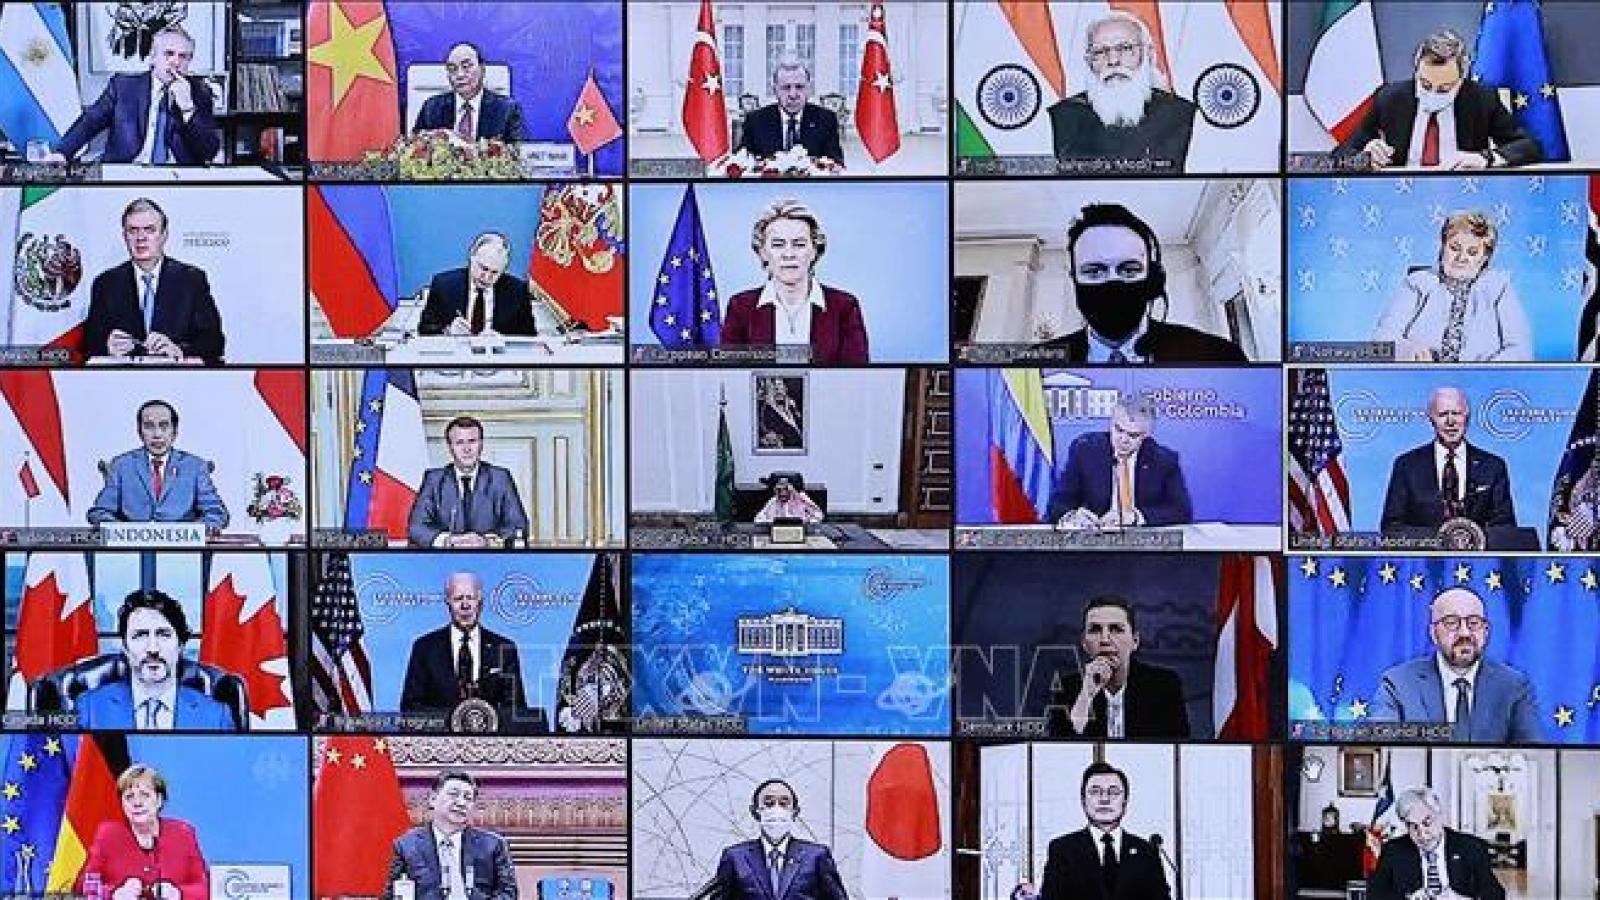 Kết thúc Hội nghị thượng đỉnh khí hậu, các lãnh đạo thế giới tiếp tục đưa ra cam kết mới